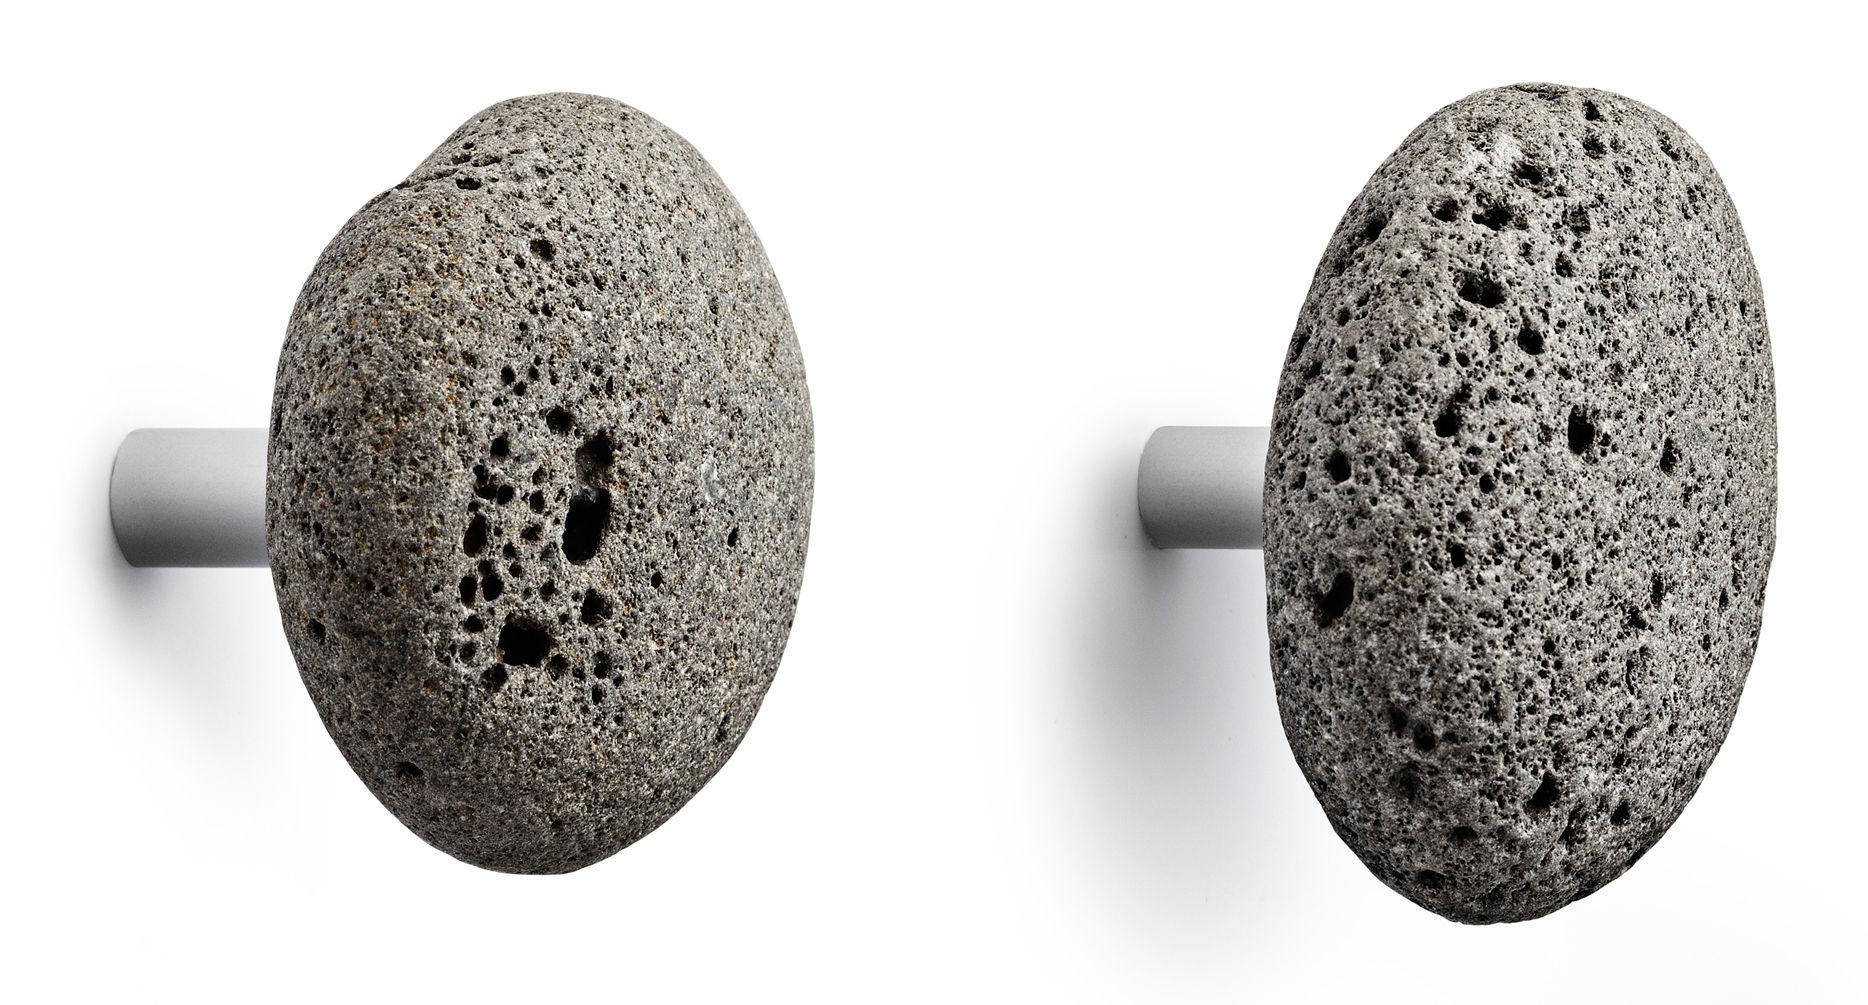 Möbel - Garderoben und Kleiderhaken - Stone Wandhaken / 2er-Set - Naturstein - Normann Copenhagen - Grau - rostfreier Stahl, Stein